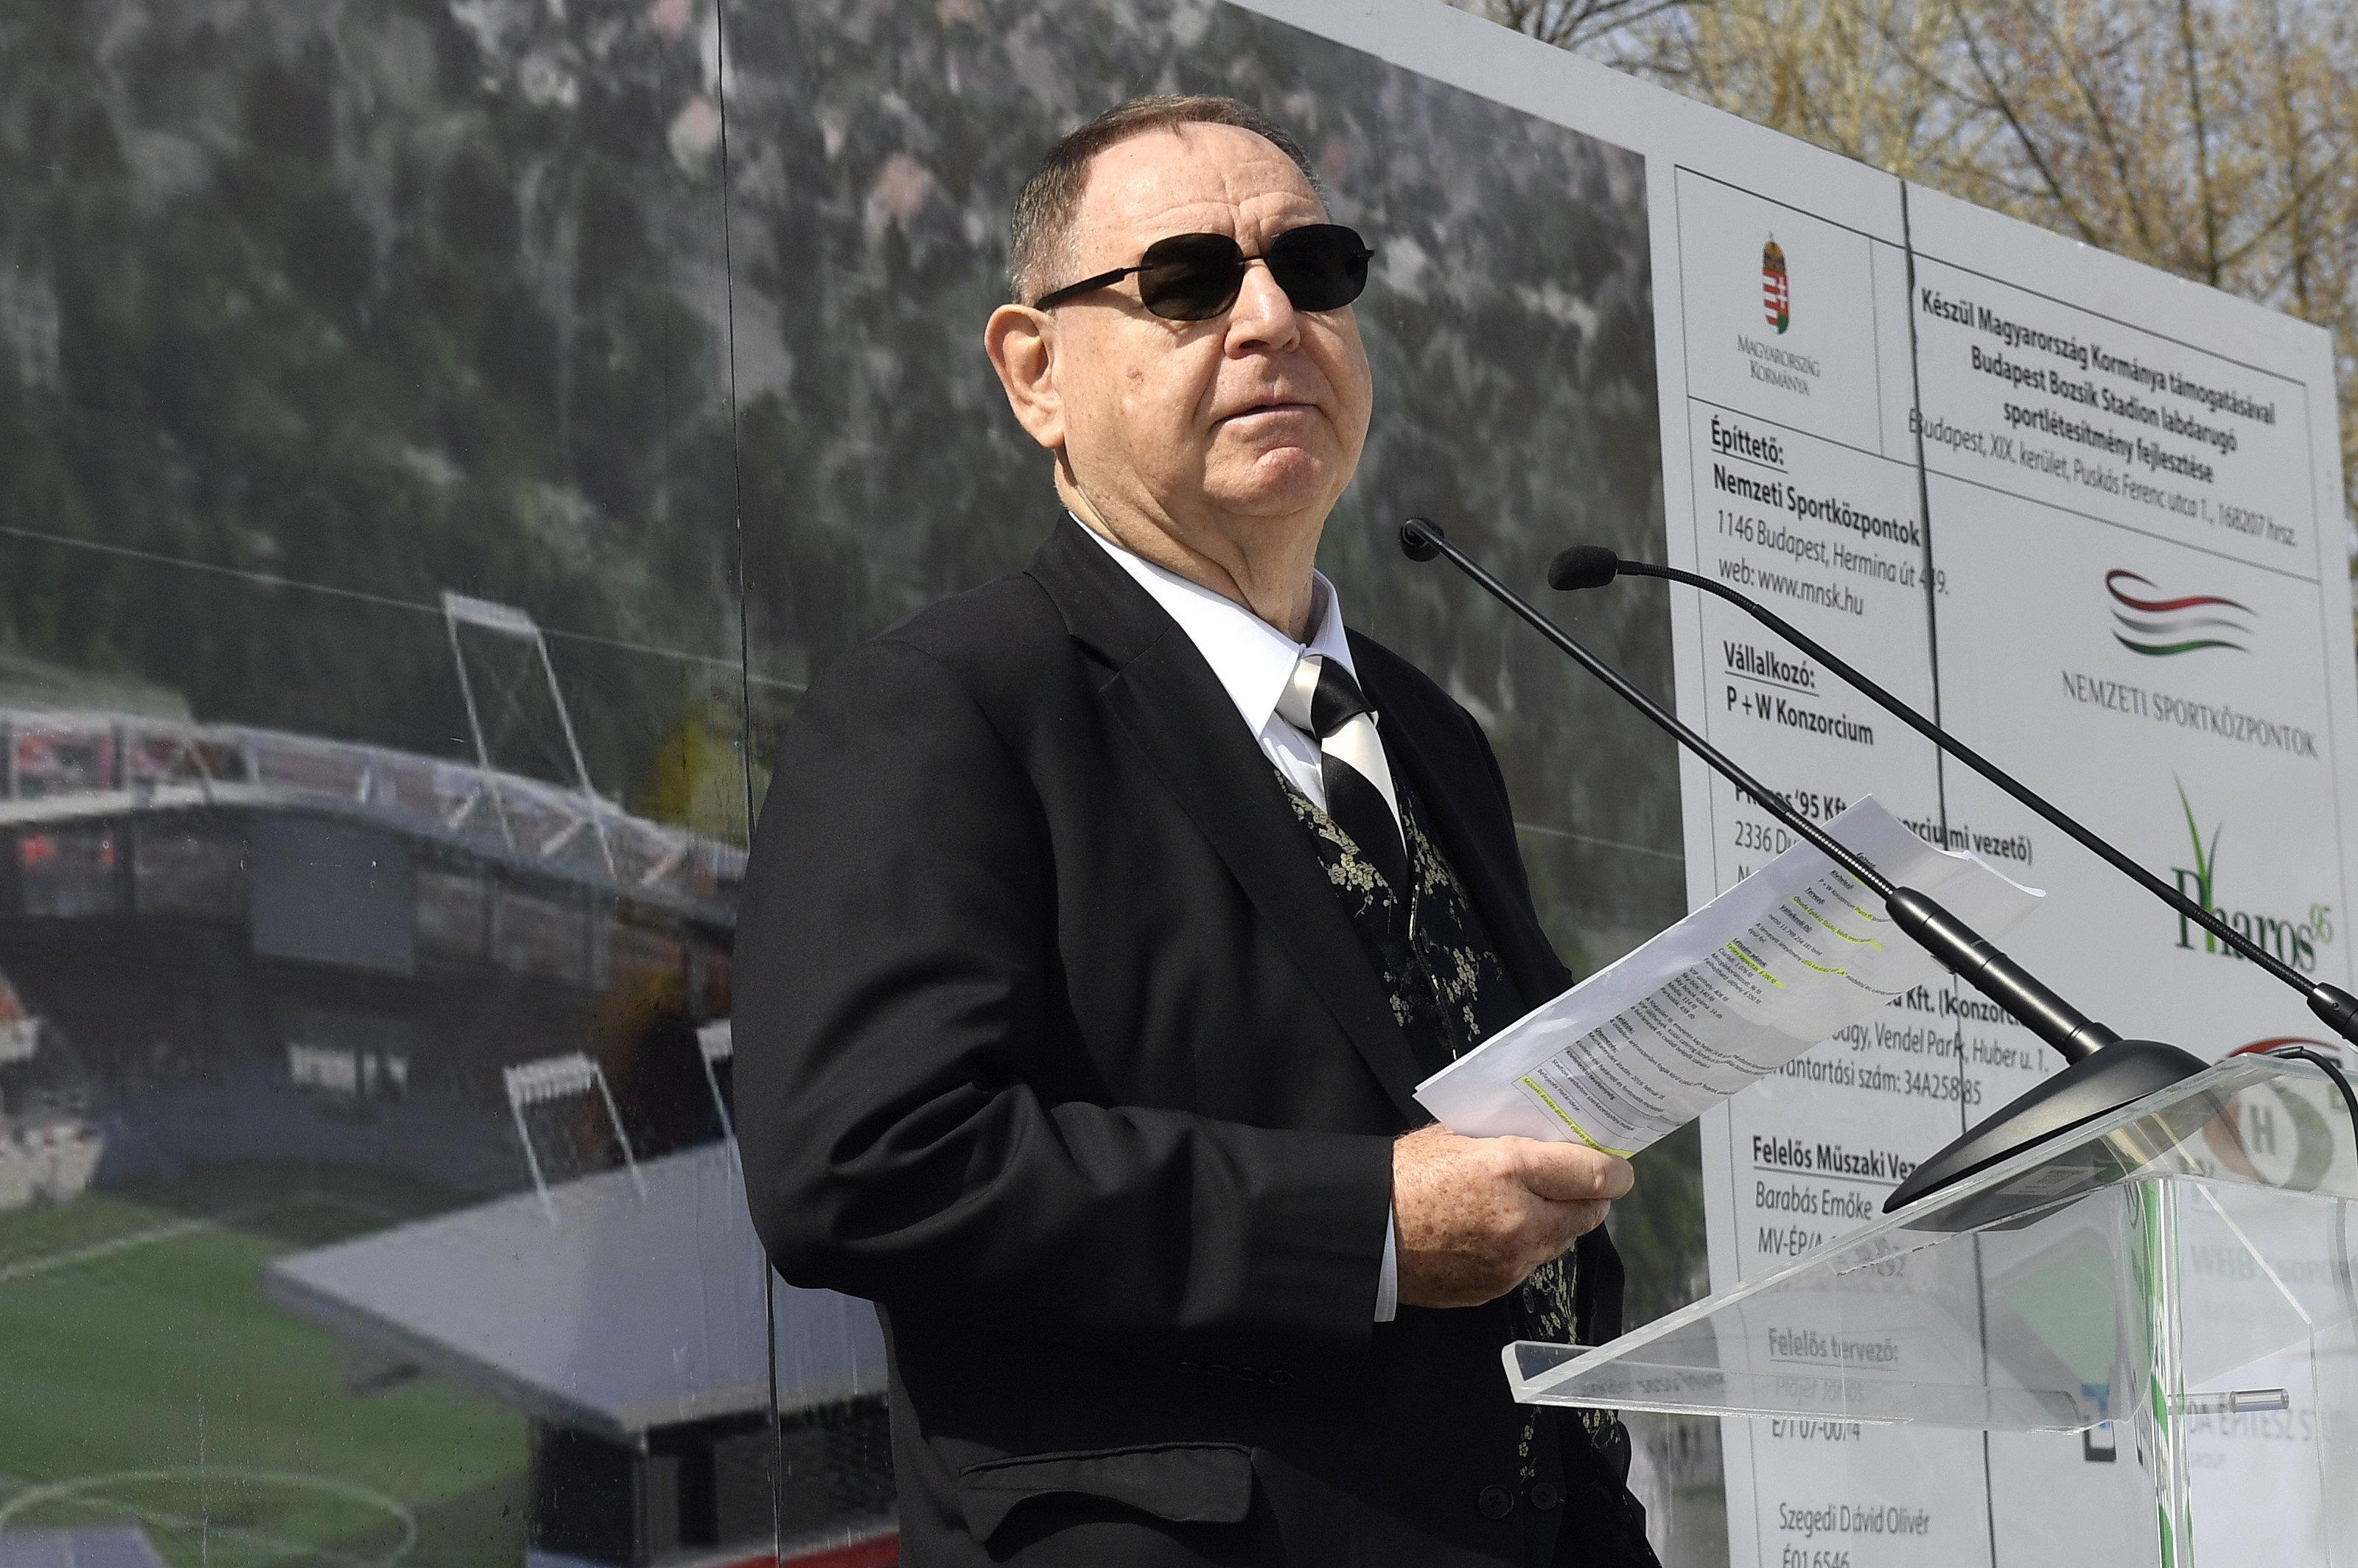 George F. Hemingway, a Budapest Honvéd labdarúgócsapat tulajdonosa beszédet mond az új Bozsik Stadion alapkõletételi ünnepségén / Fotó: MTI